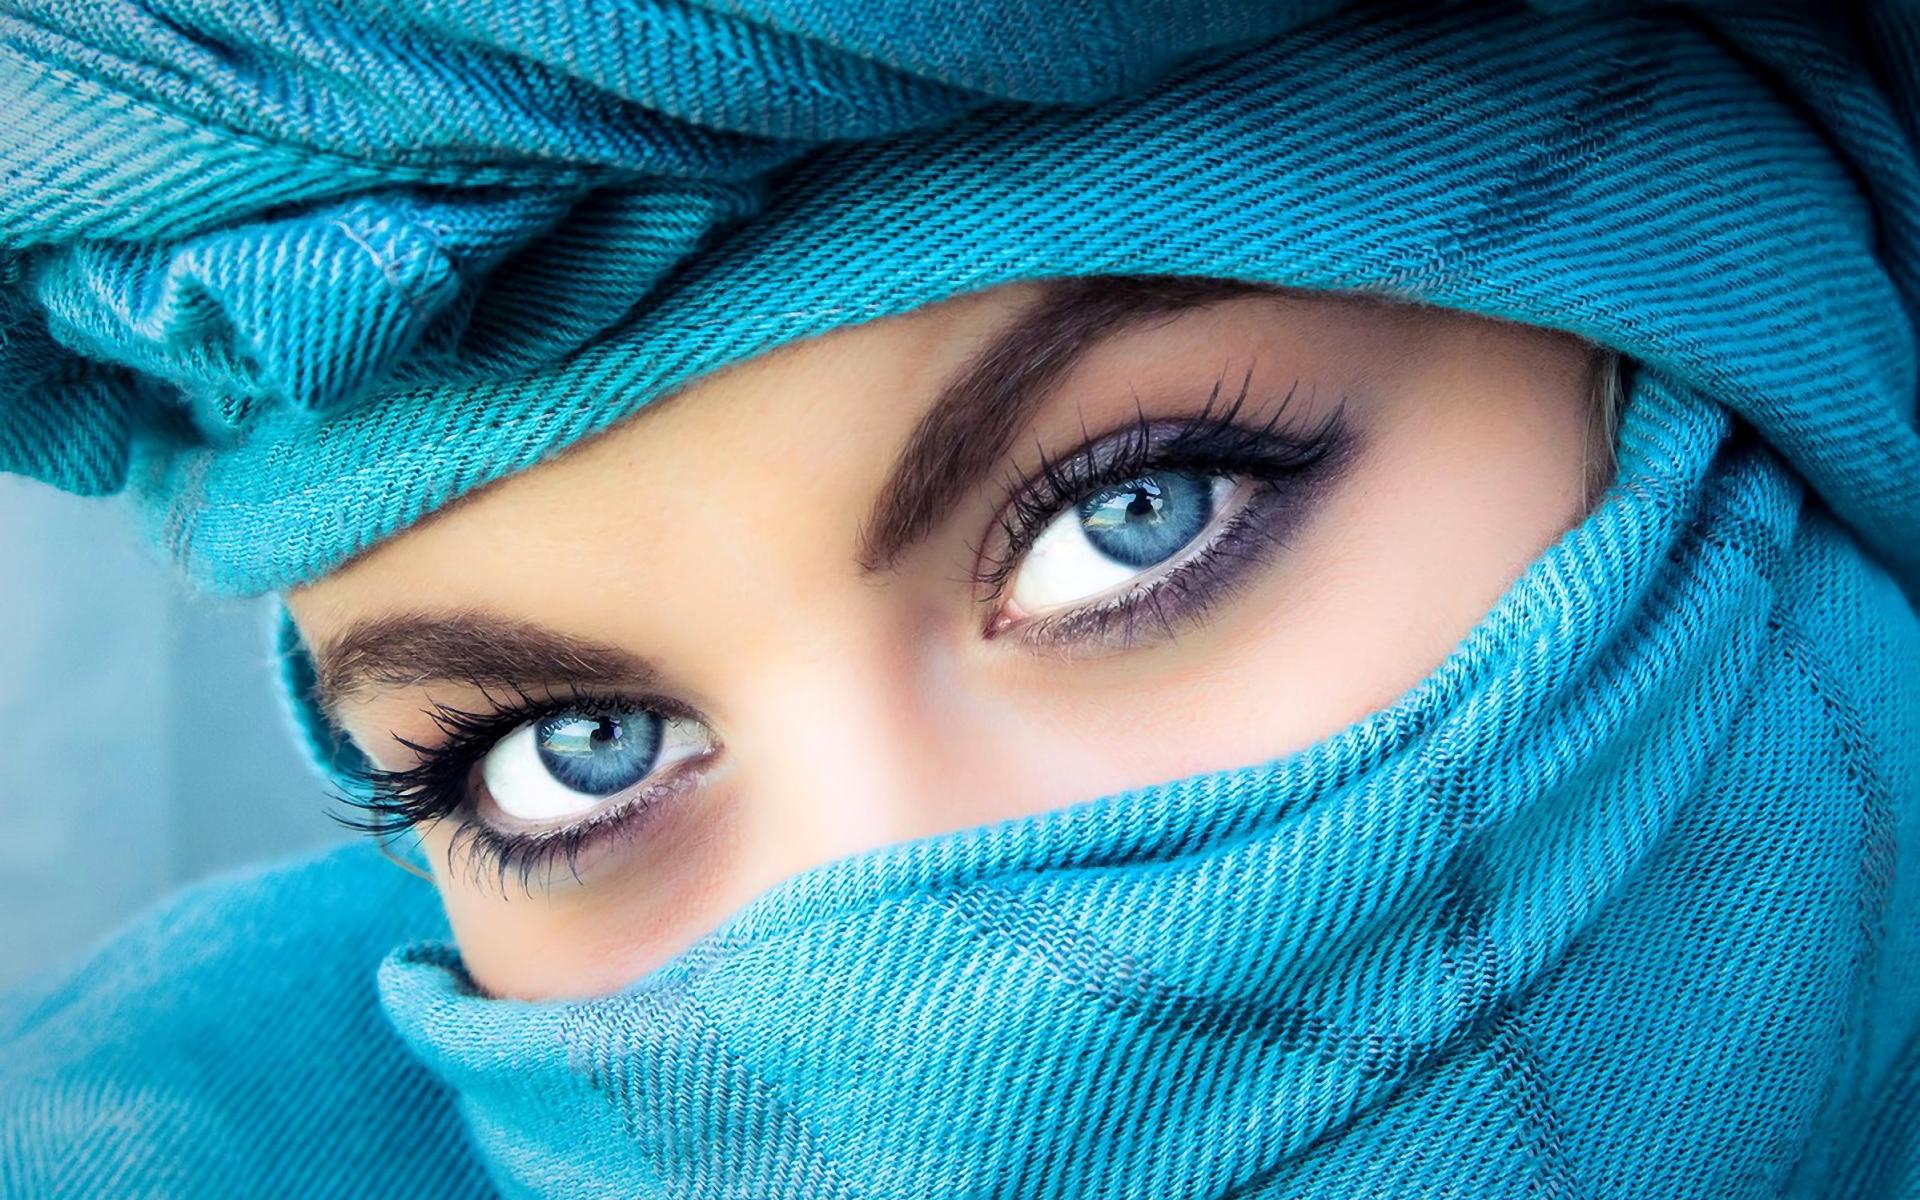 بالصور صور اجمل عيون بنات , اجمل عيون في الدنيا كله 11730